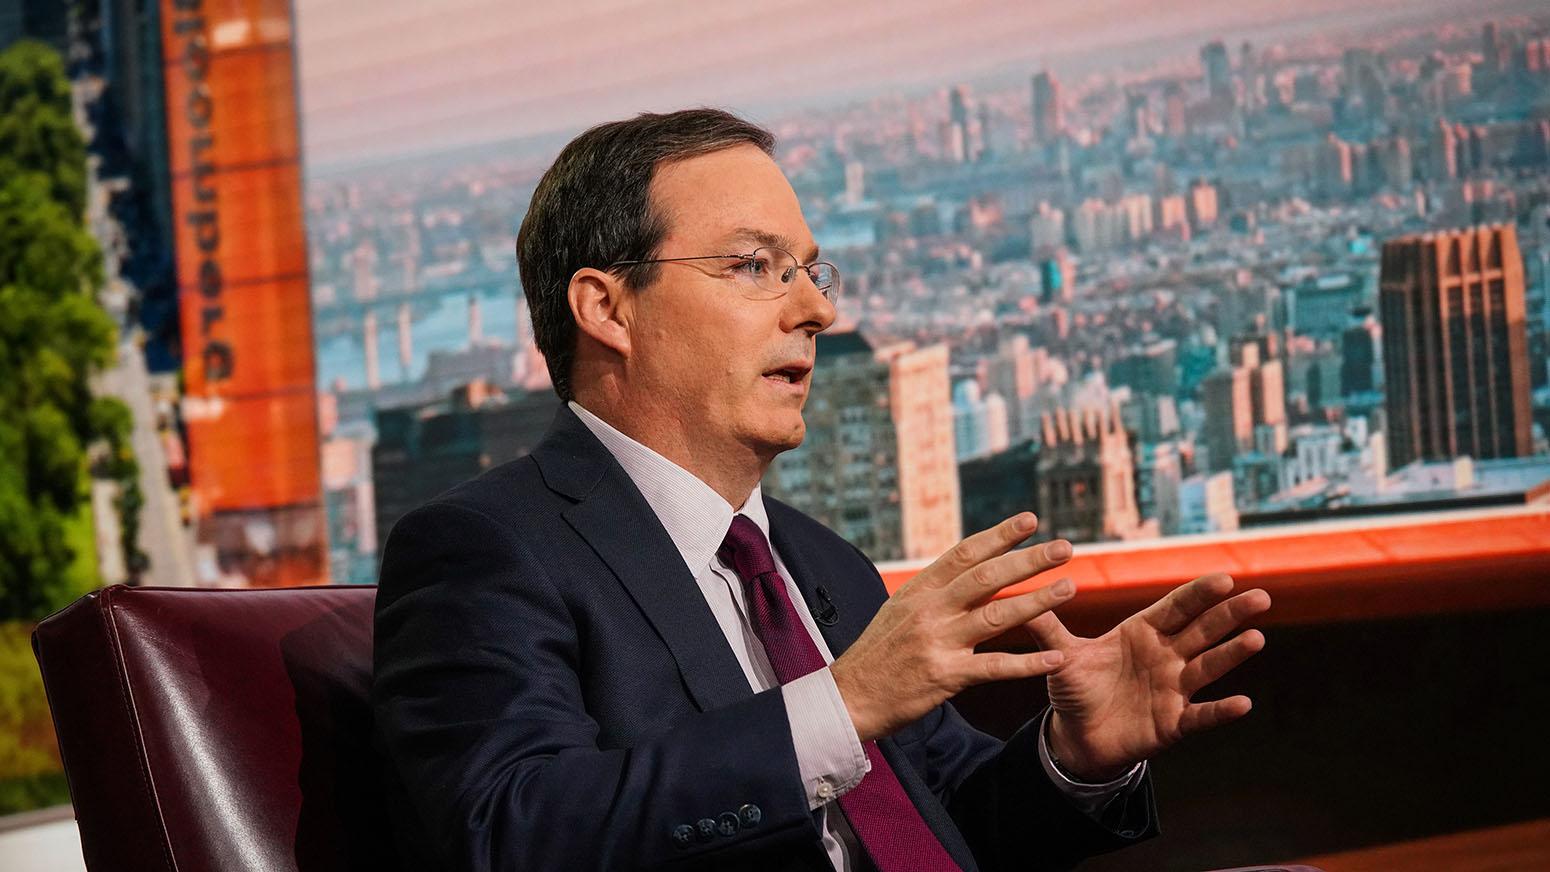 KKR's assets up 2 5% for quarter, closes on $6 3 billion in